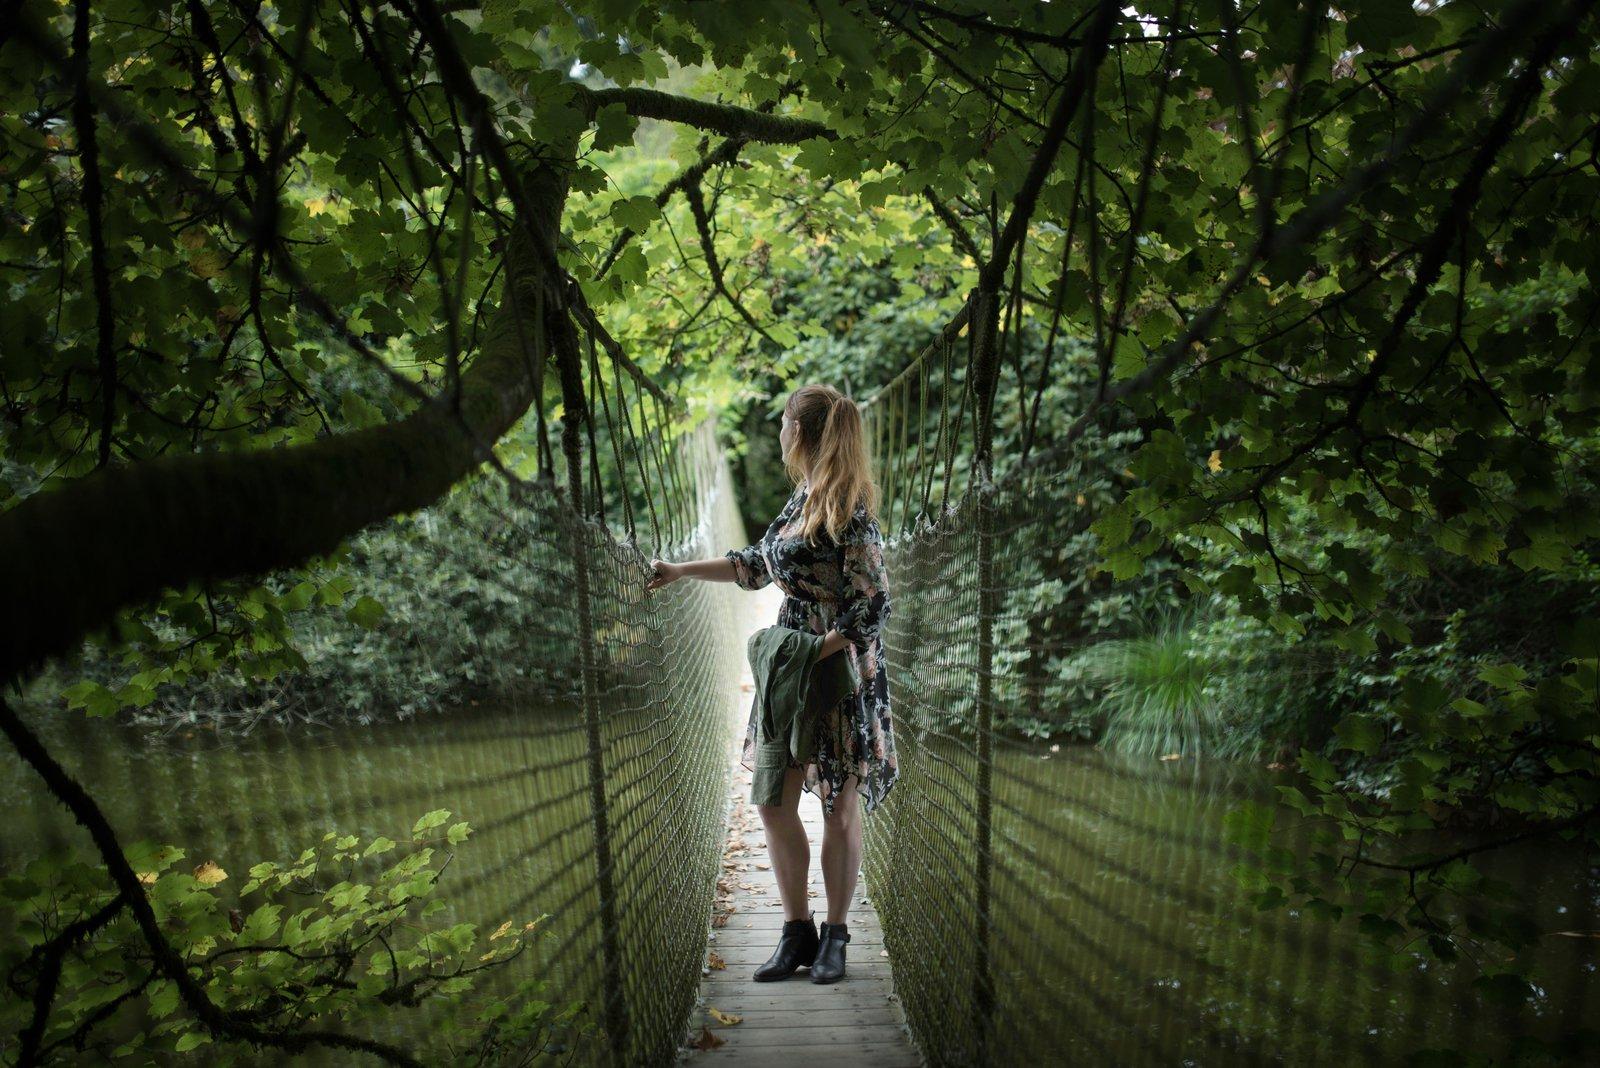 Pont suspendu parc botanique haute bretagne haute bretagne en france - Parc botanique de haute bretagne ...